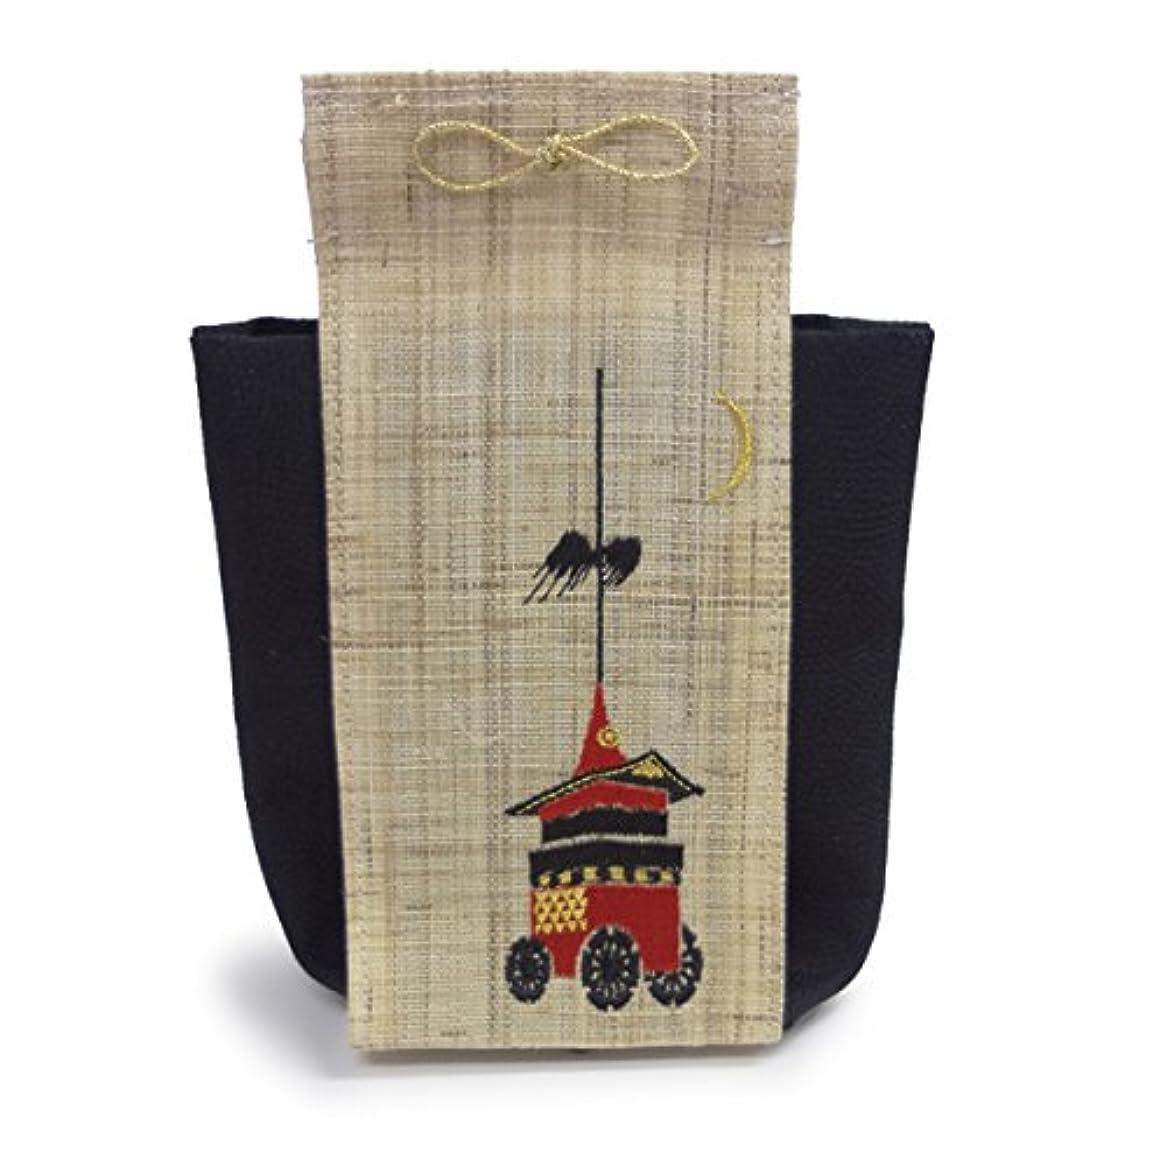 比率人柄ドラゴン香飾り 京の風物詩 祇園祭